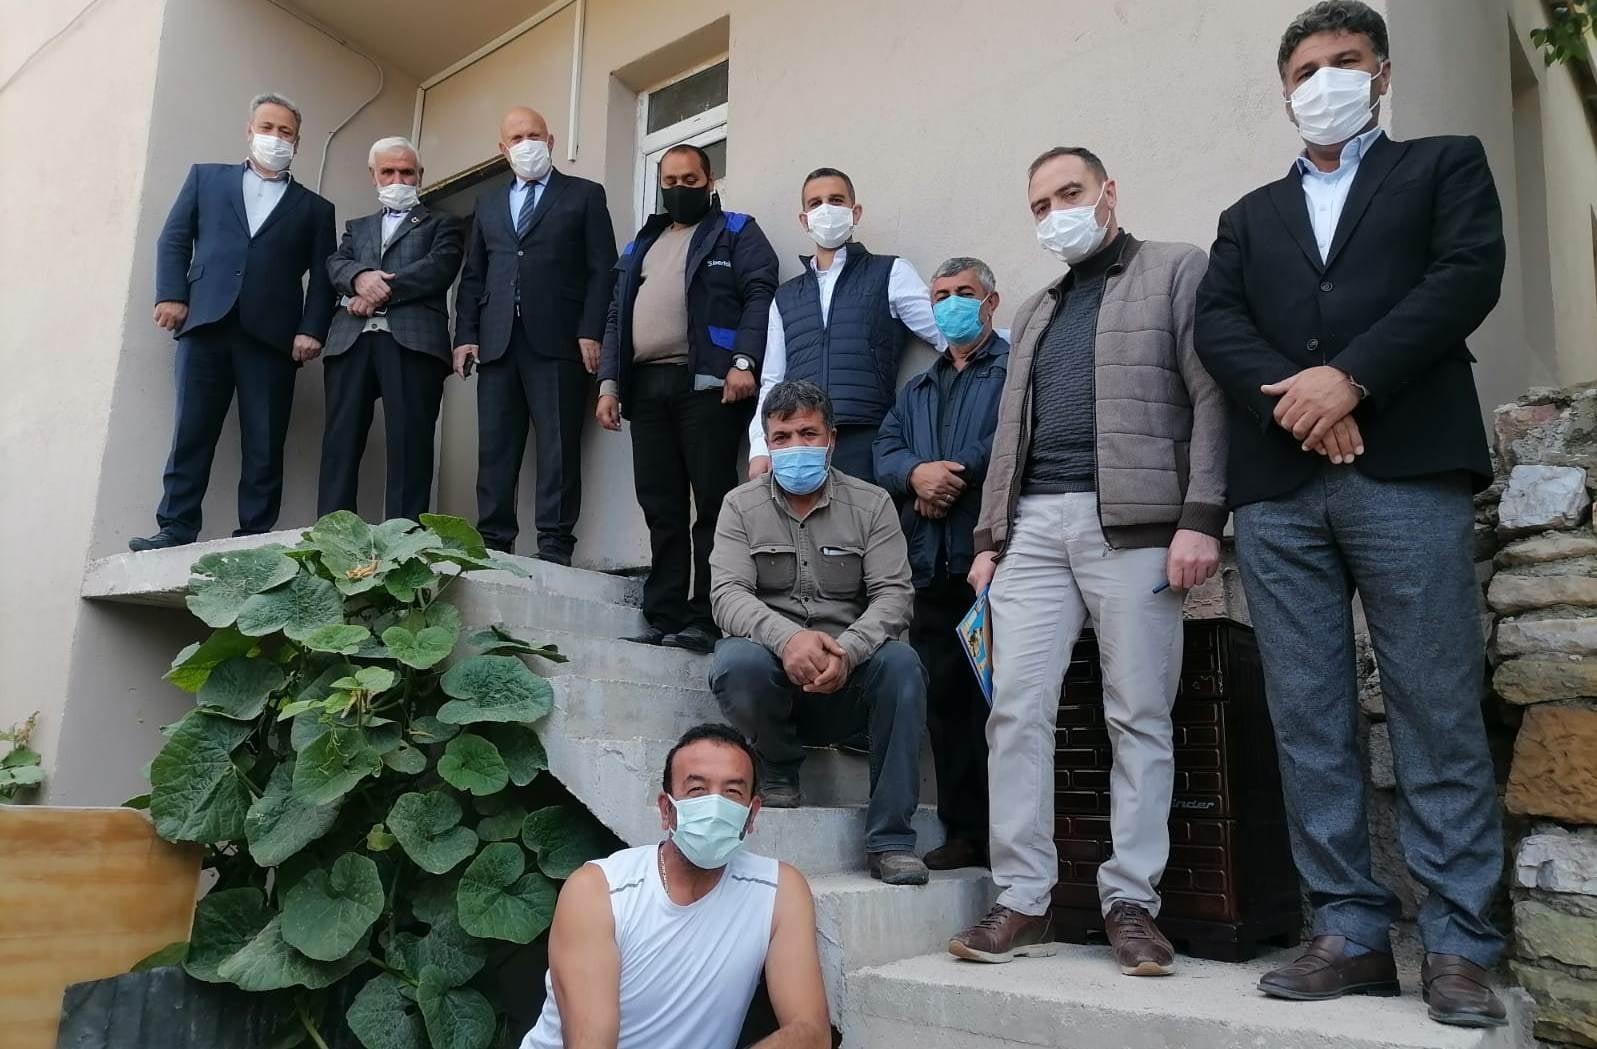 Kamyonun devrilmesi sonucu kullanılmaz hale gelen ev belediye tarafından onarılarak ev sahibine teslim edildi #bayburt